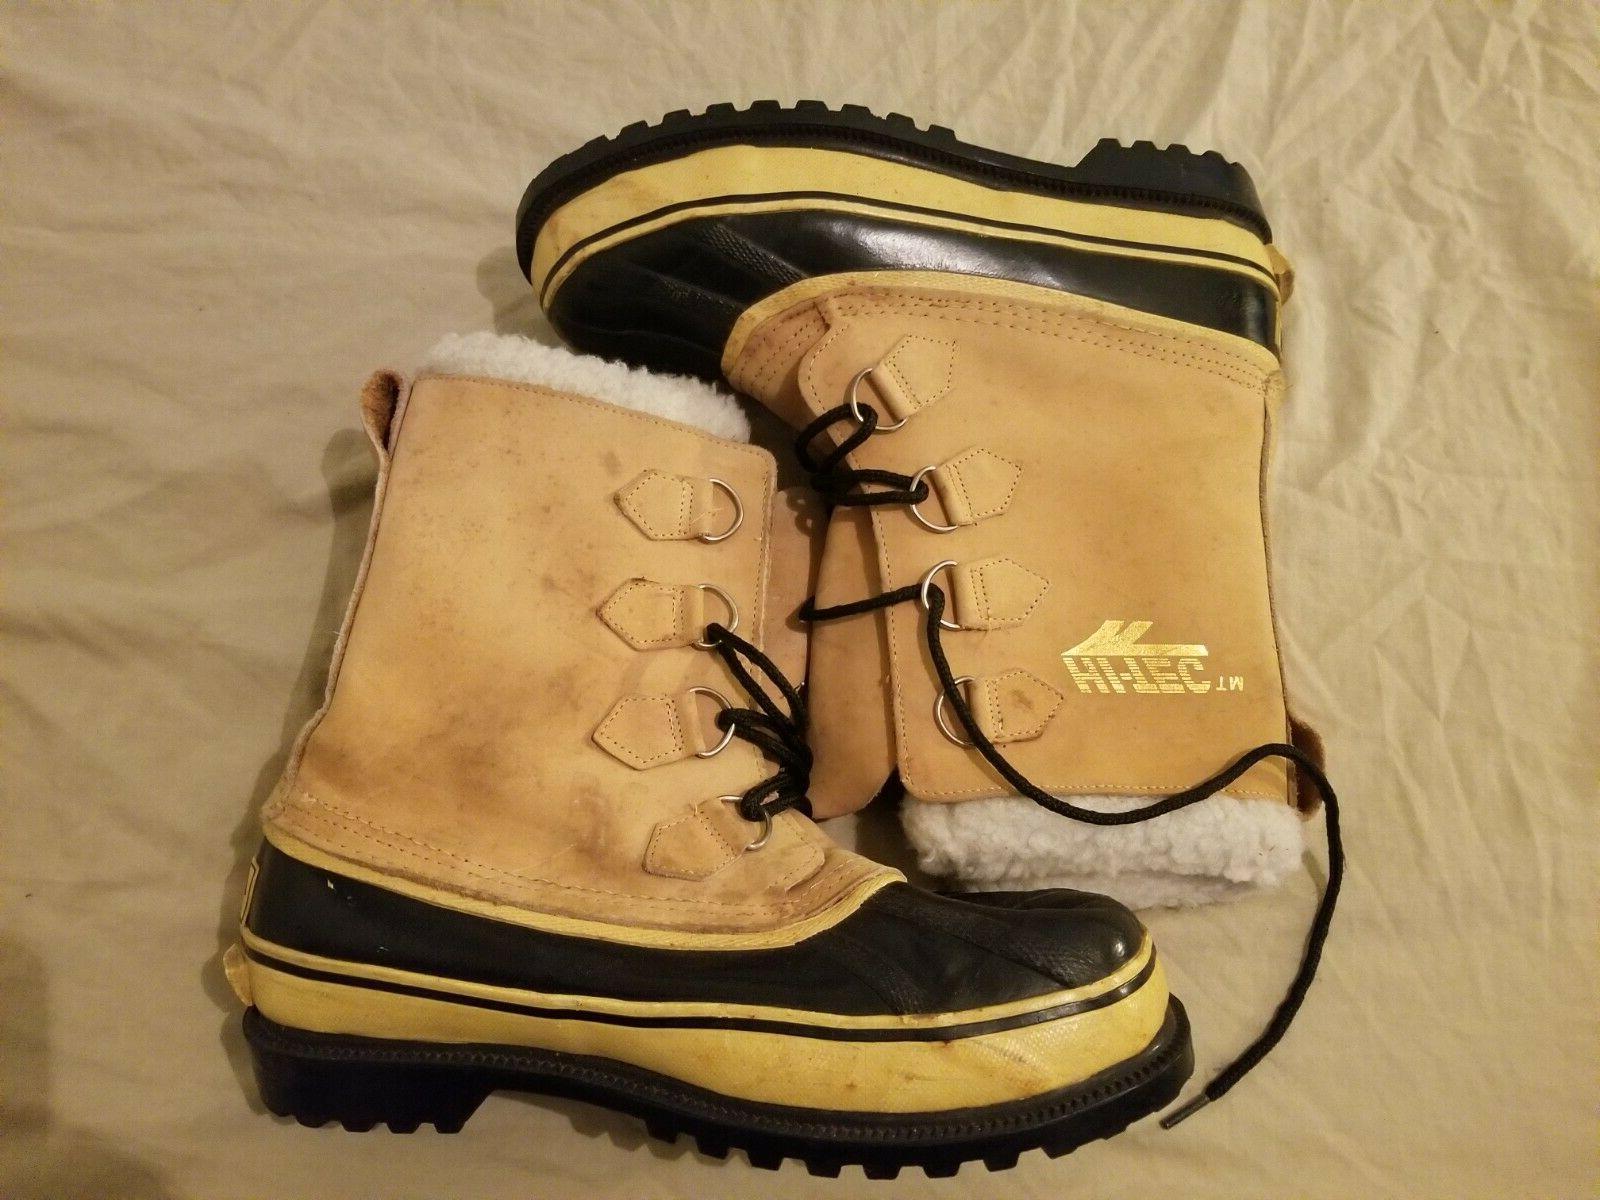 Womens Hi-Tec Boots Snow